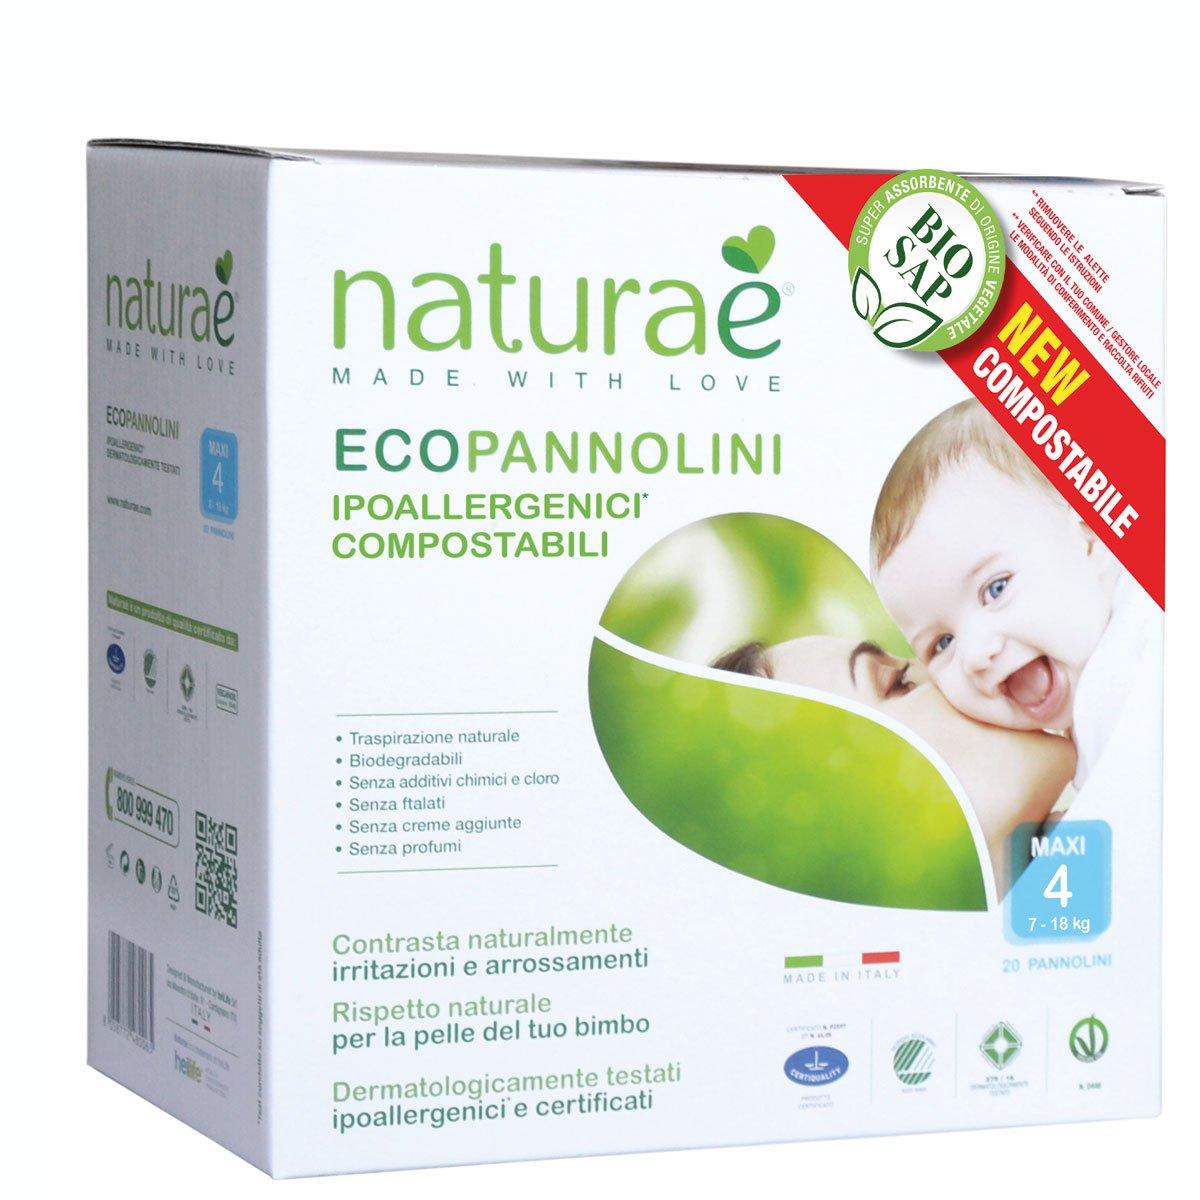 Ecopannolini Compostabili Naturaè® 4 MAXI 7-18 kg, 20 pz